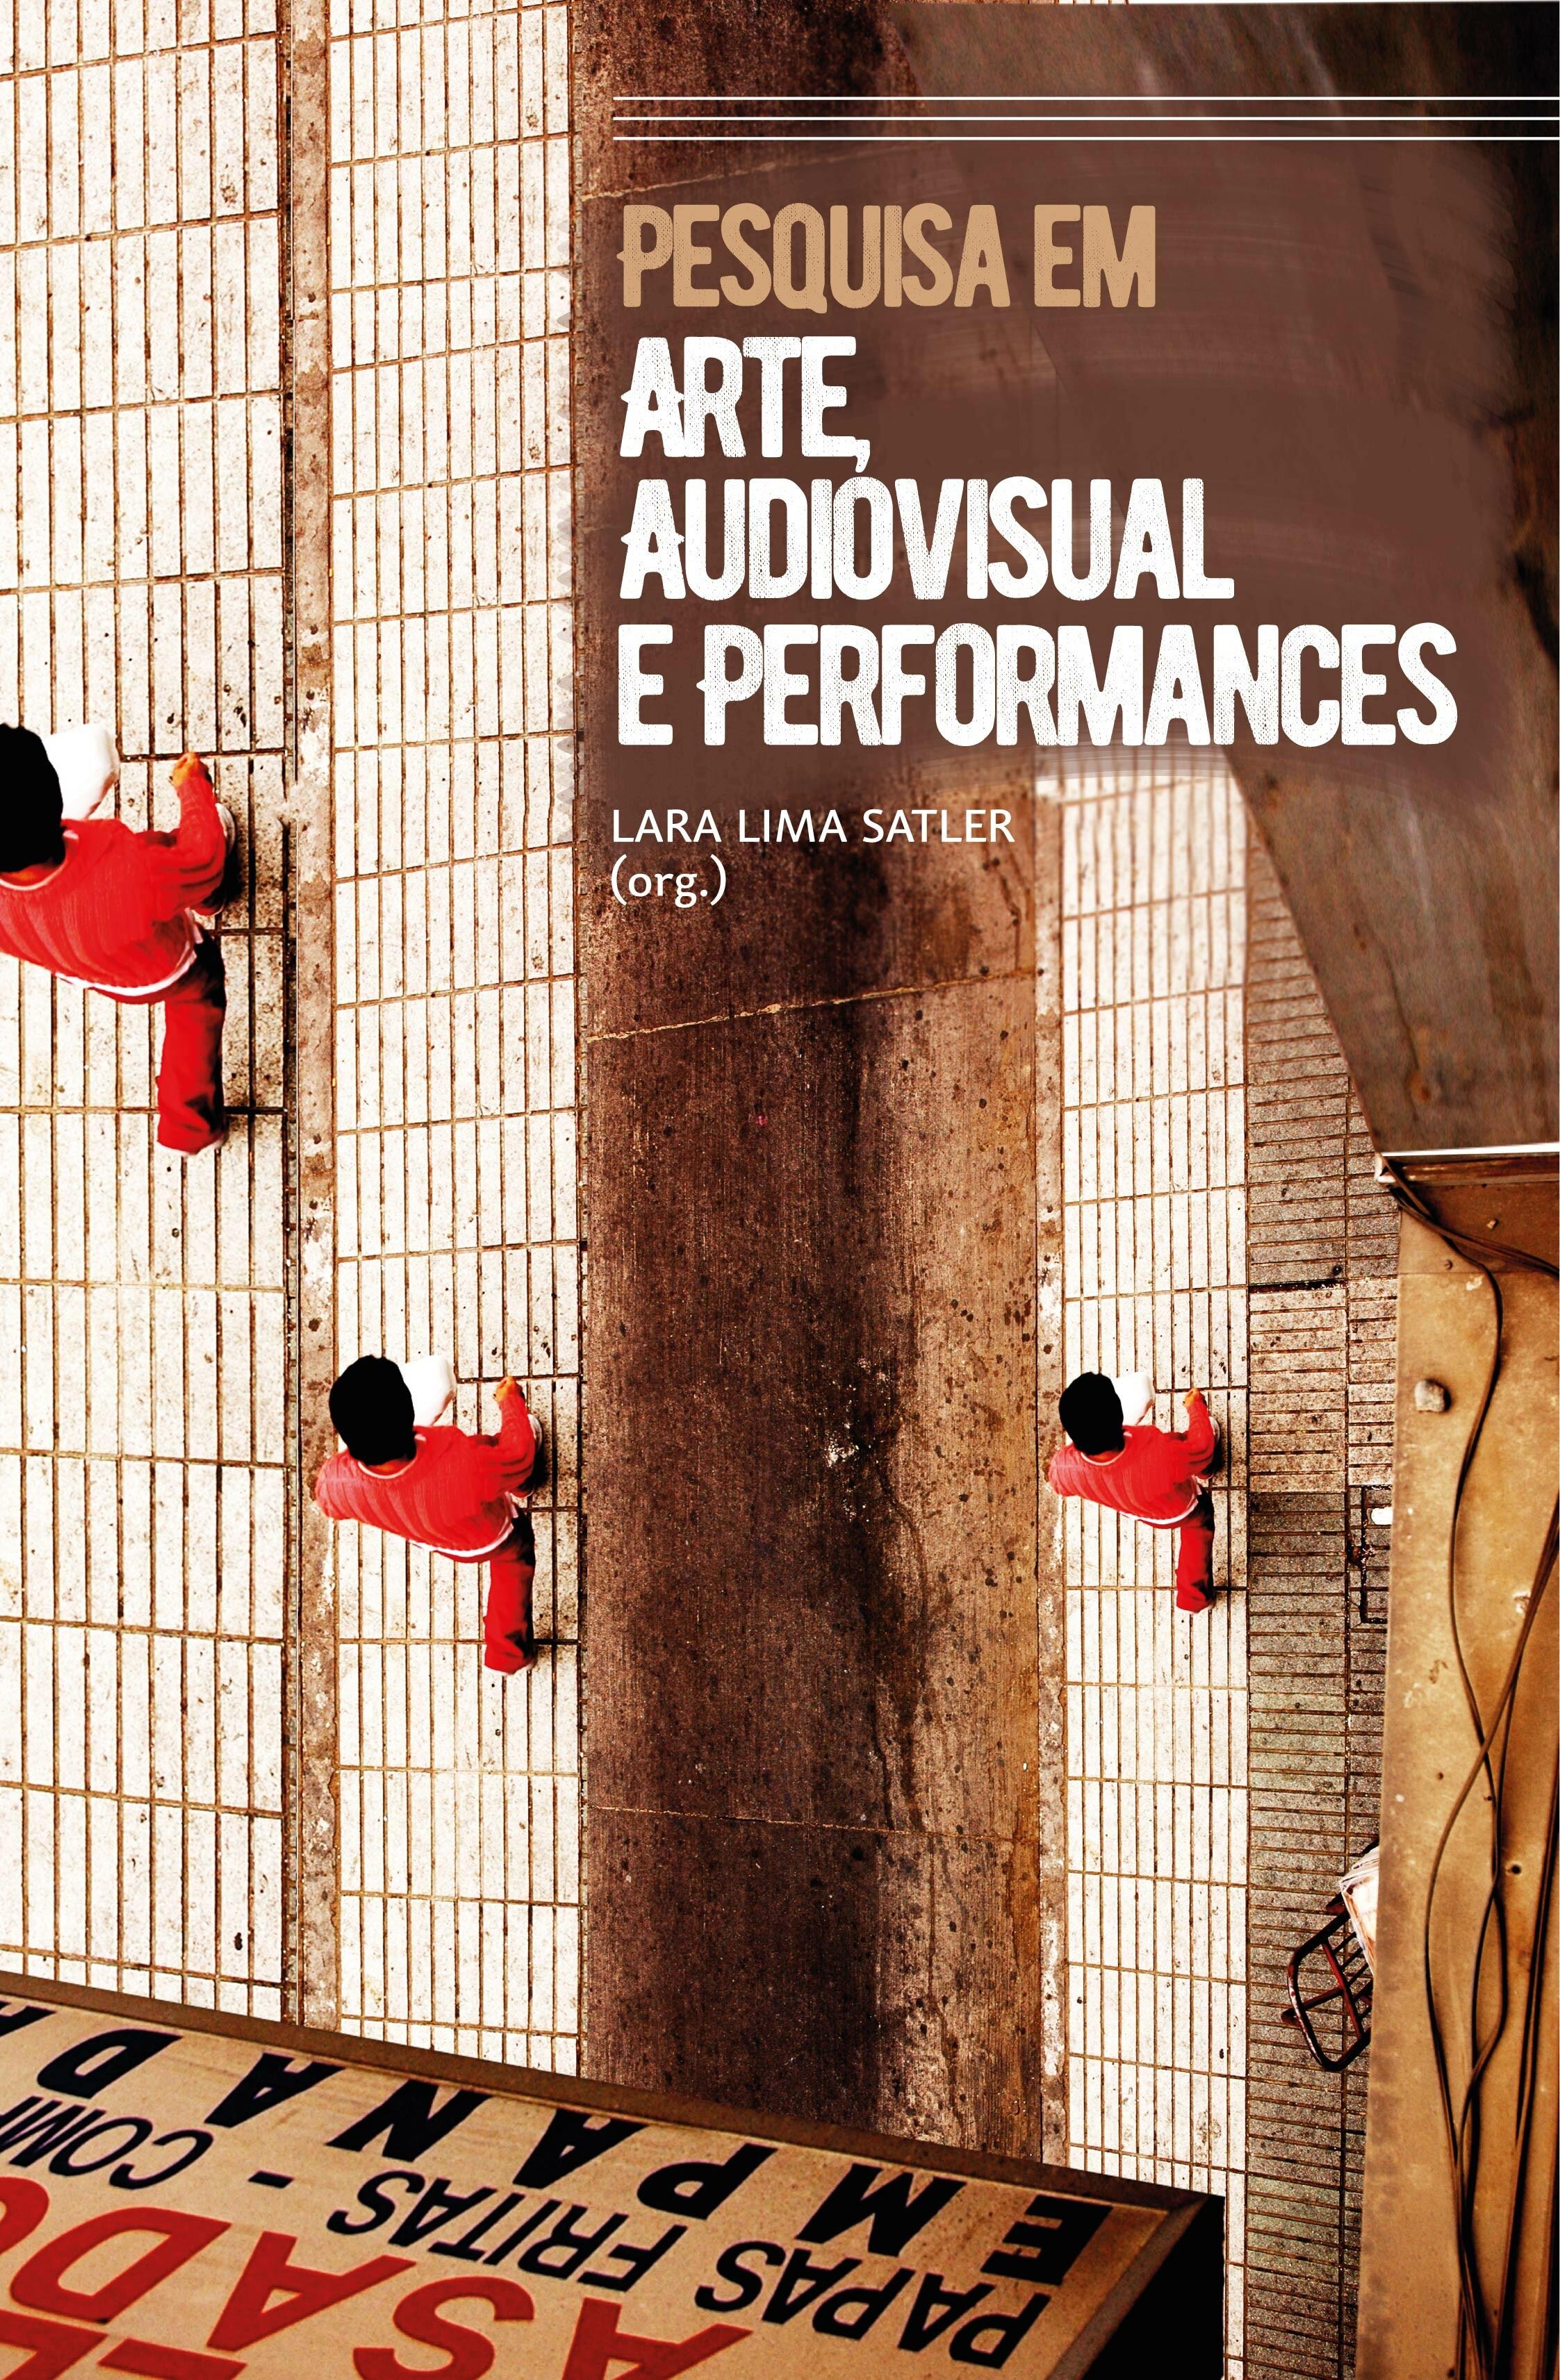 capa_pesquisaemarte_audiovisual_performances